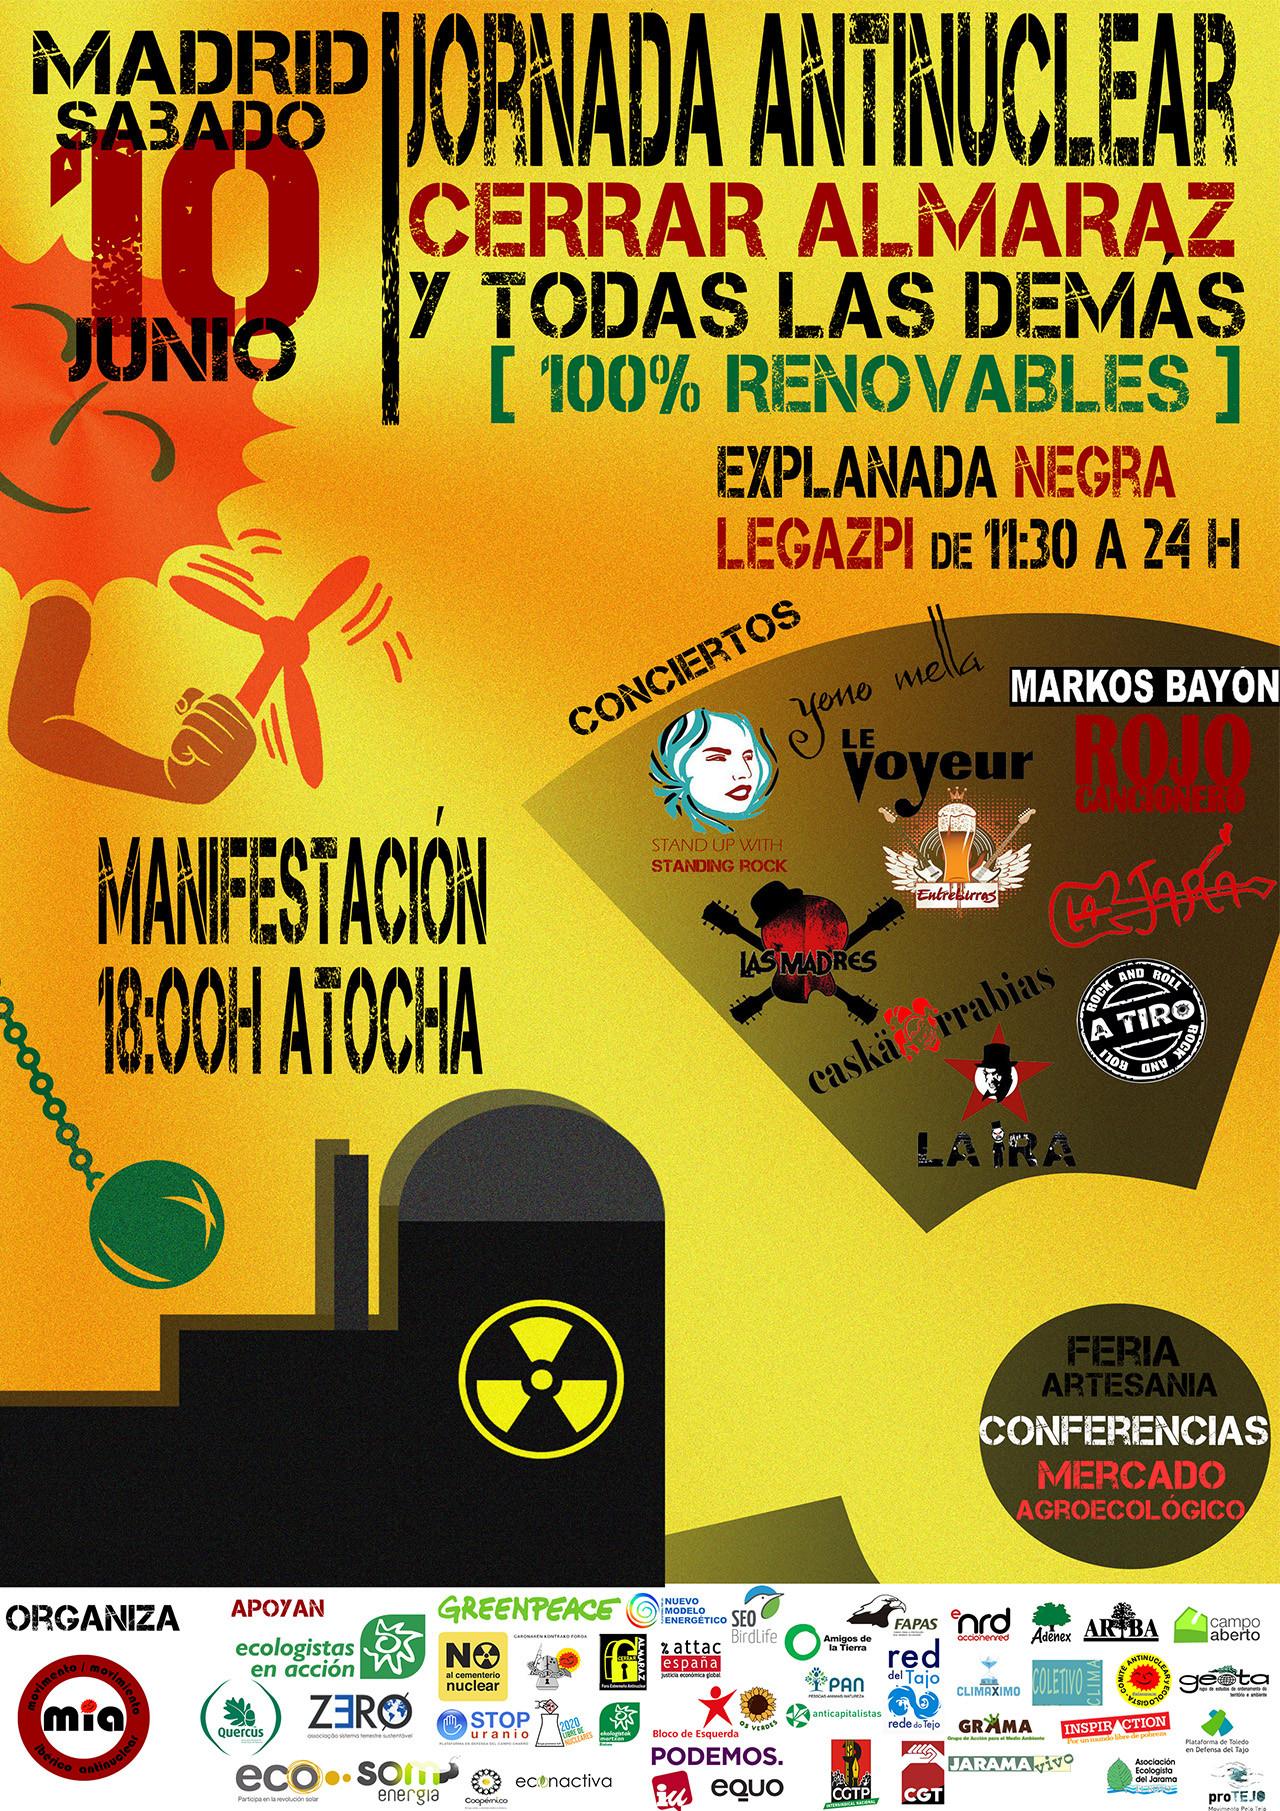 Cartel de la manifestación antinuclear del sábado 10 de junio